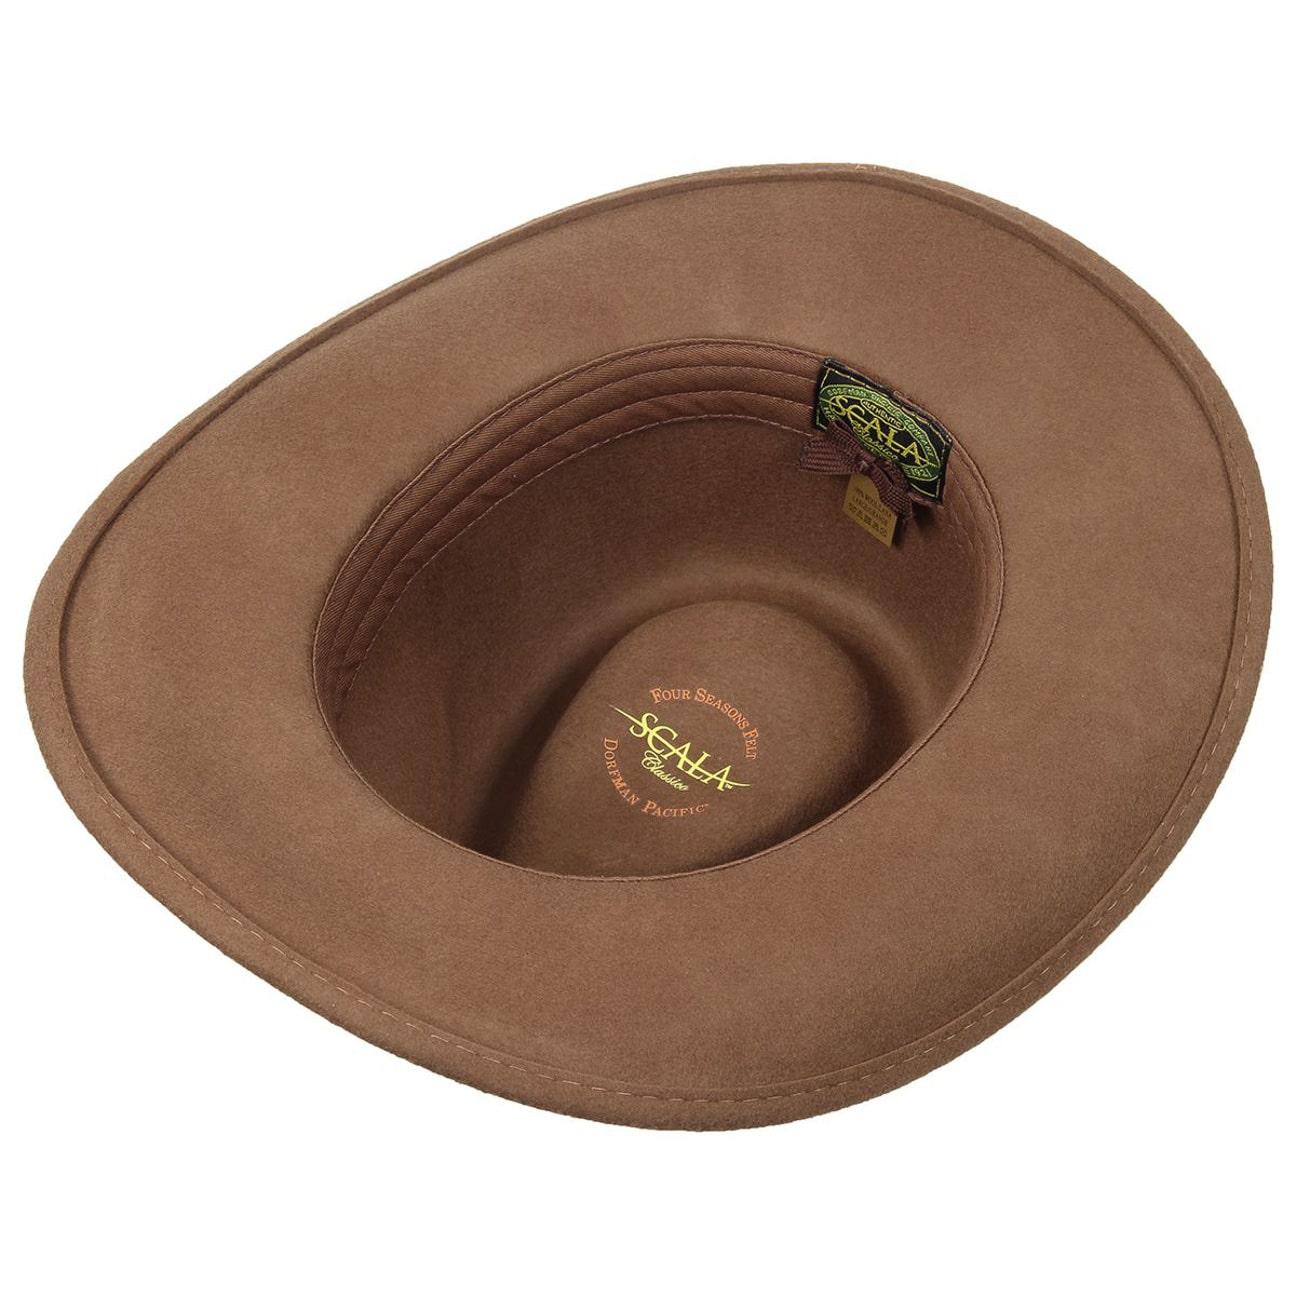 Sombrero Outback Western - Sombreros - sombreroshop.es c98b977fc73